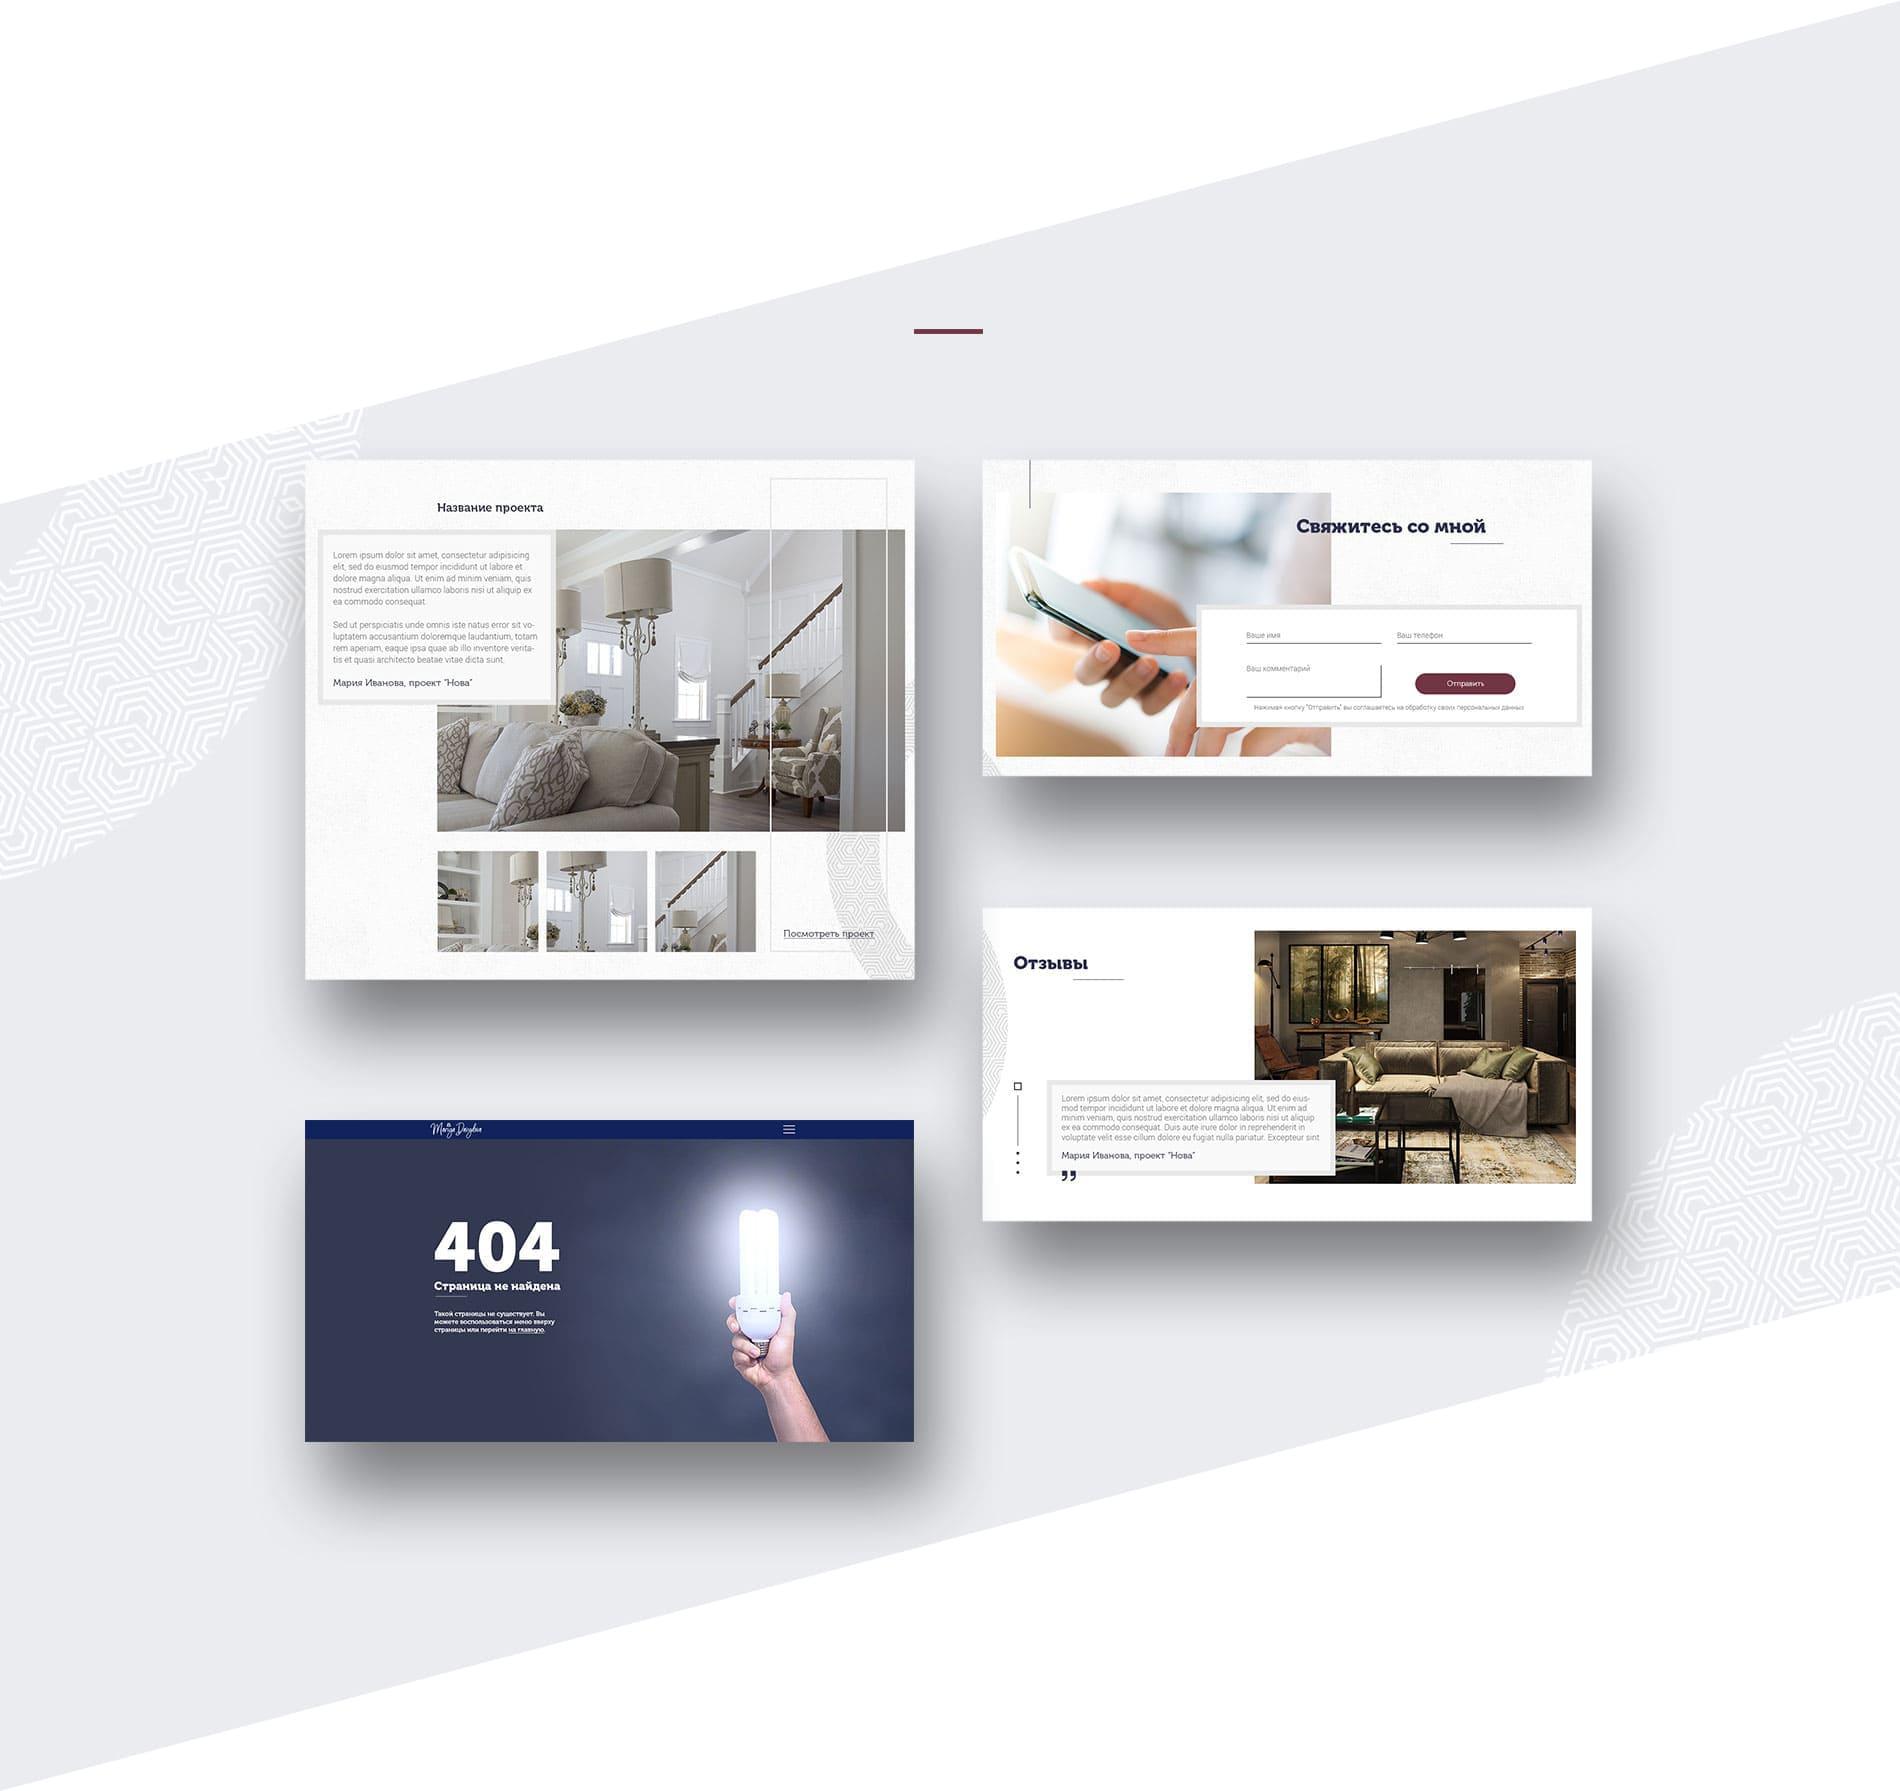 создание сайта - внутренние страницы и UI элементы